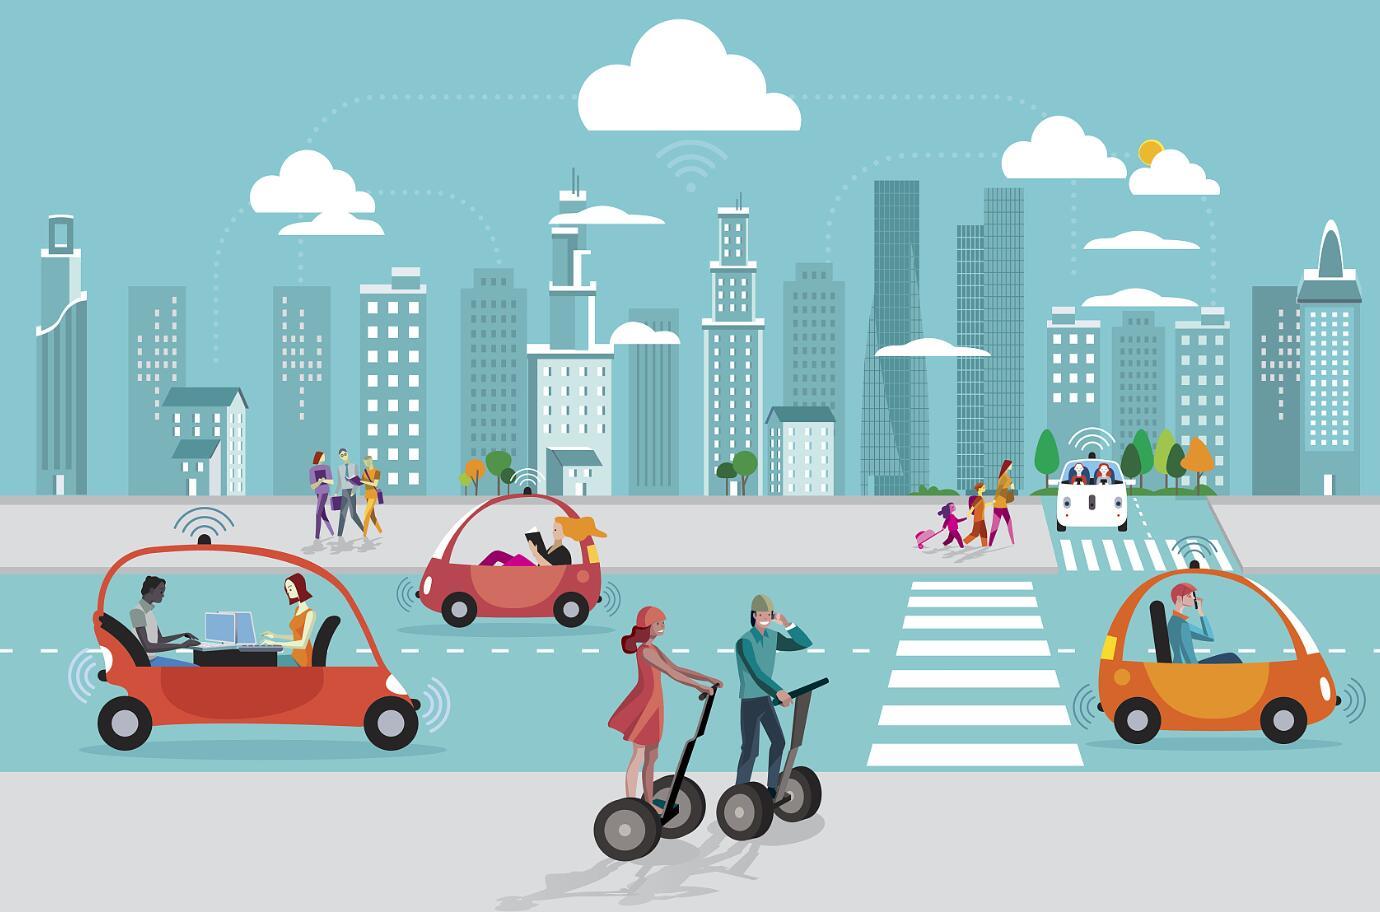 改善空气质量其实只需要通过智慧城市轻松搞定!